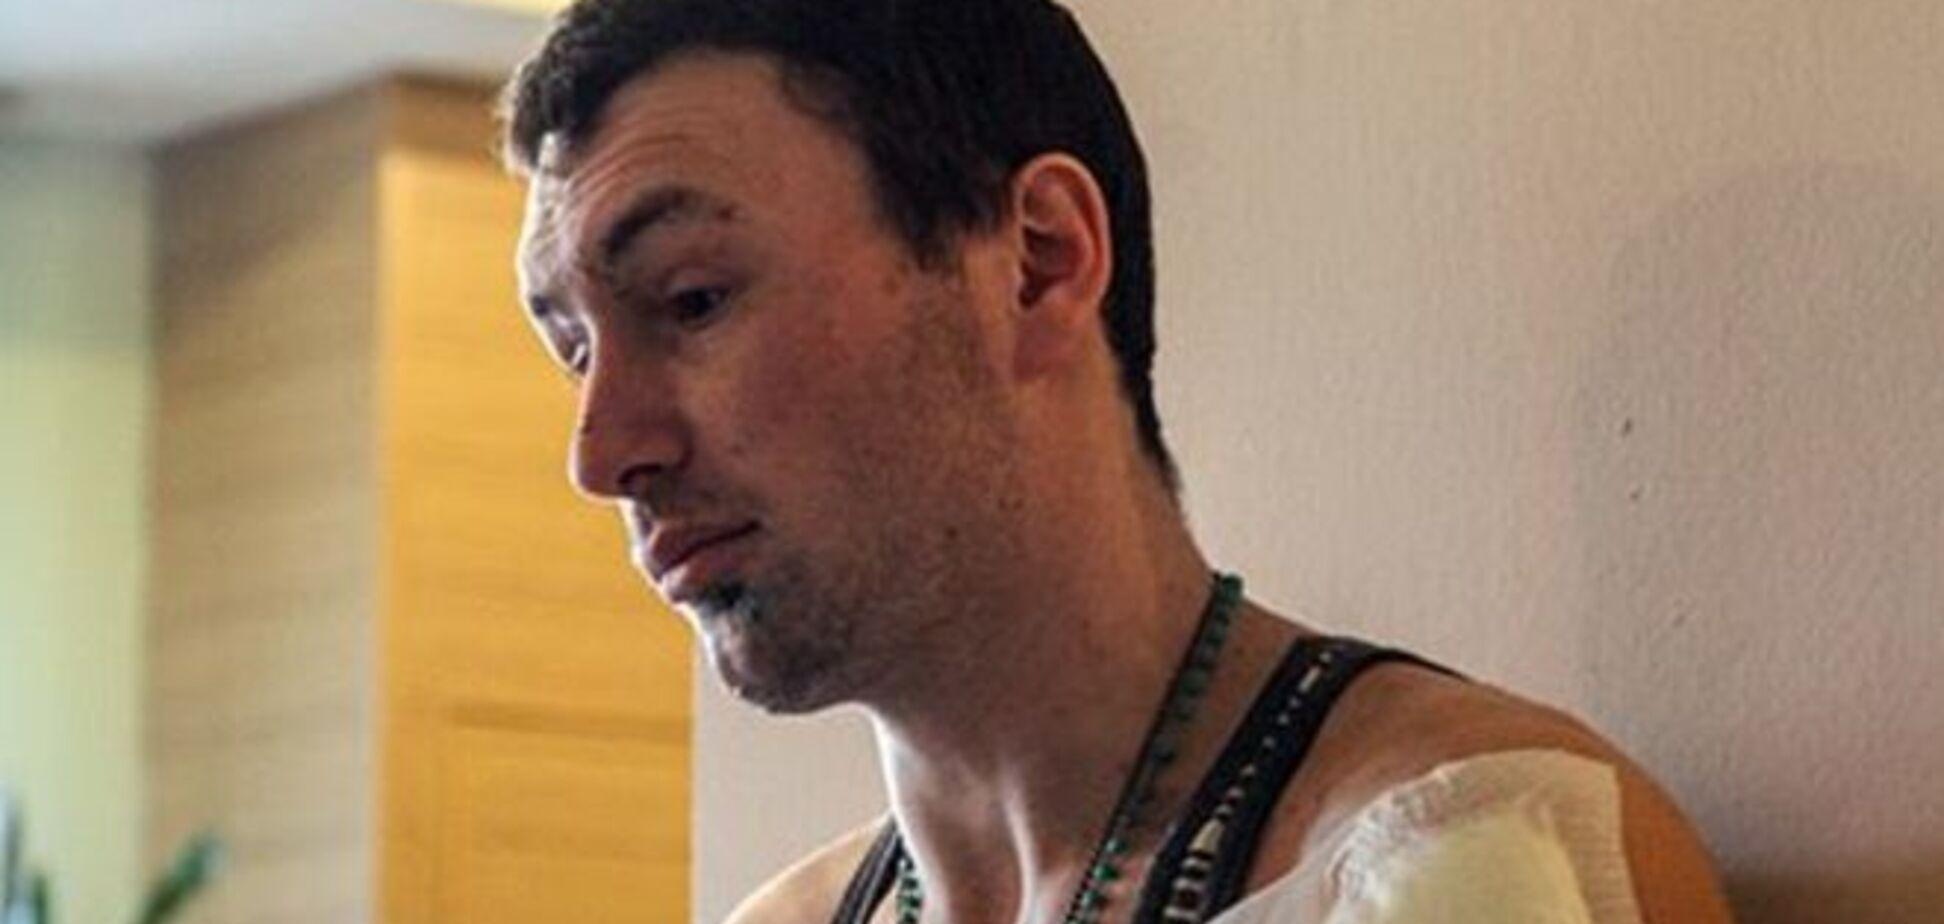 Удачная и плановая операция: боец рассказал, как раненый выходил из Дебальцево 5 дней по полям